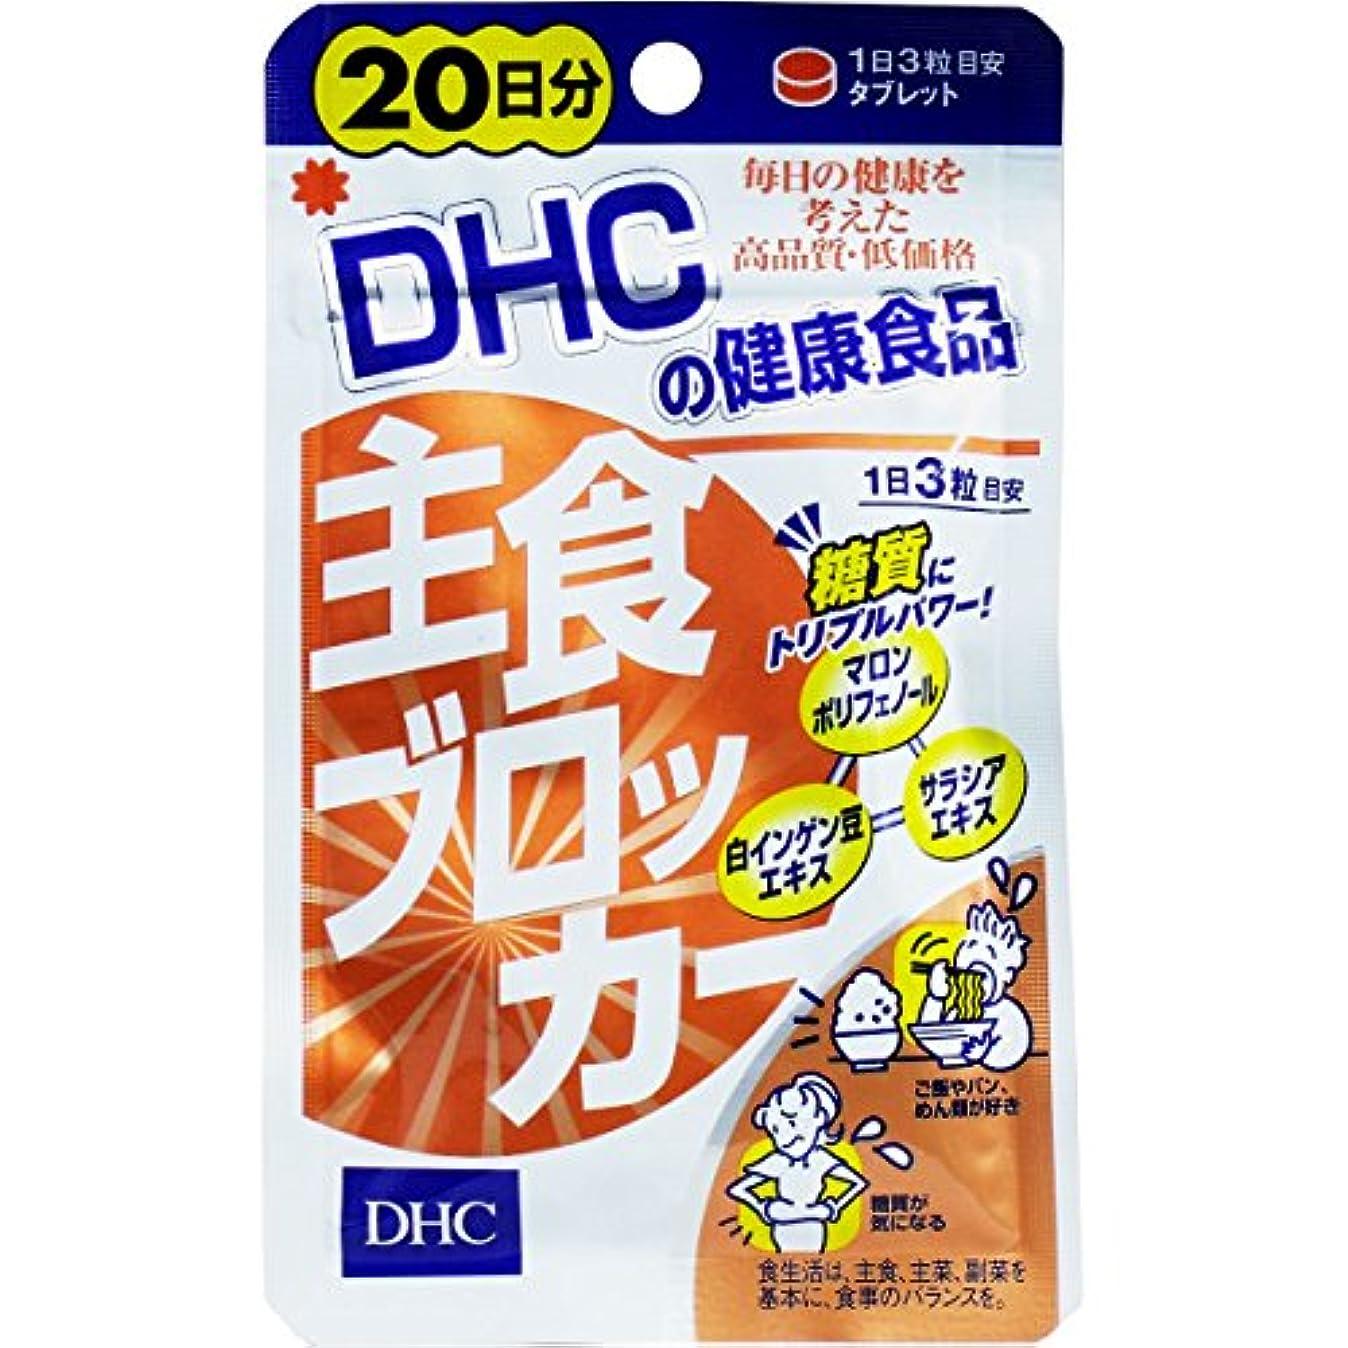 ムス利益前提【DHC】主食ブロッカー 20日分 60粒 ×10個セット